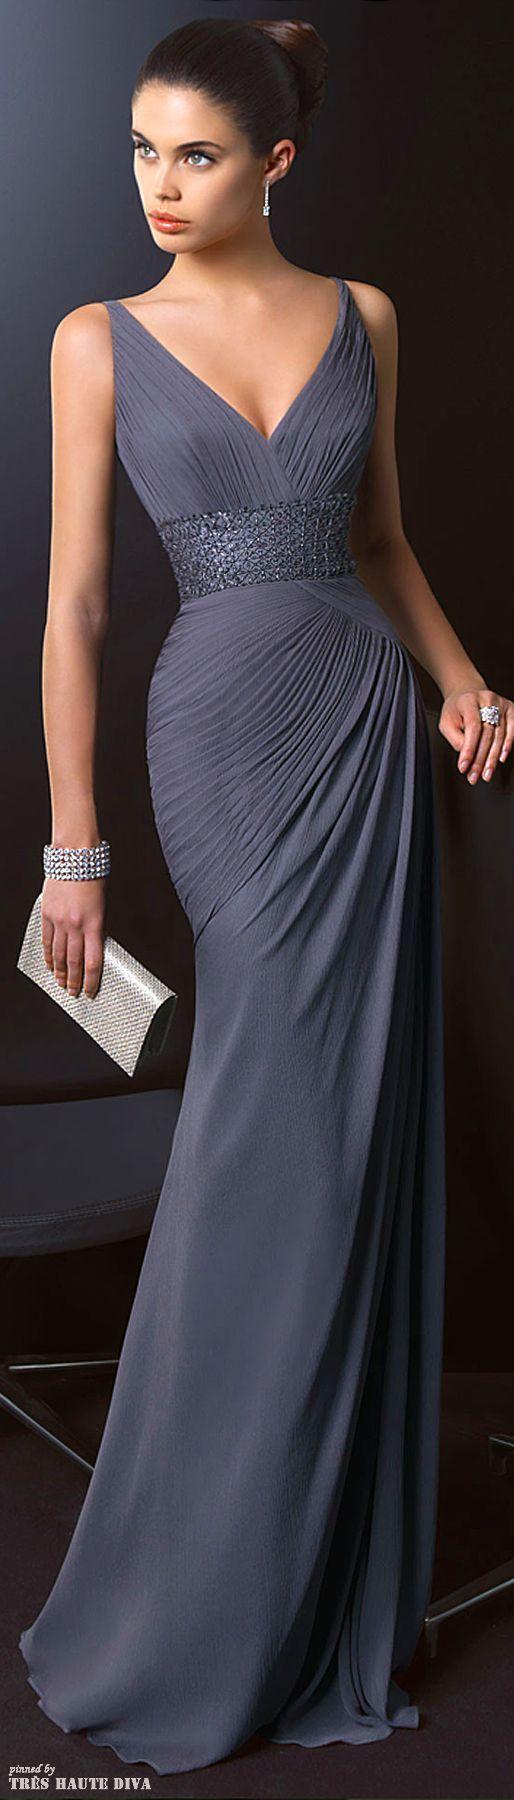 Coisas que Gosto: | vestidos | Pinterest | Vestidos de noche, Noche ...